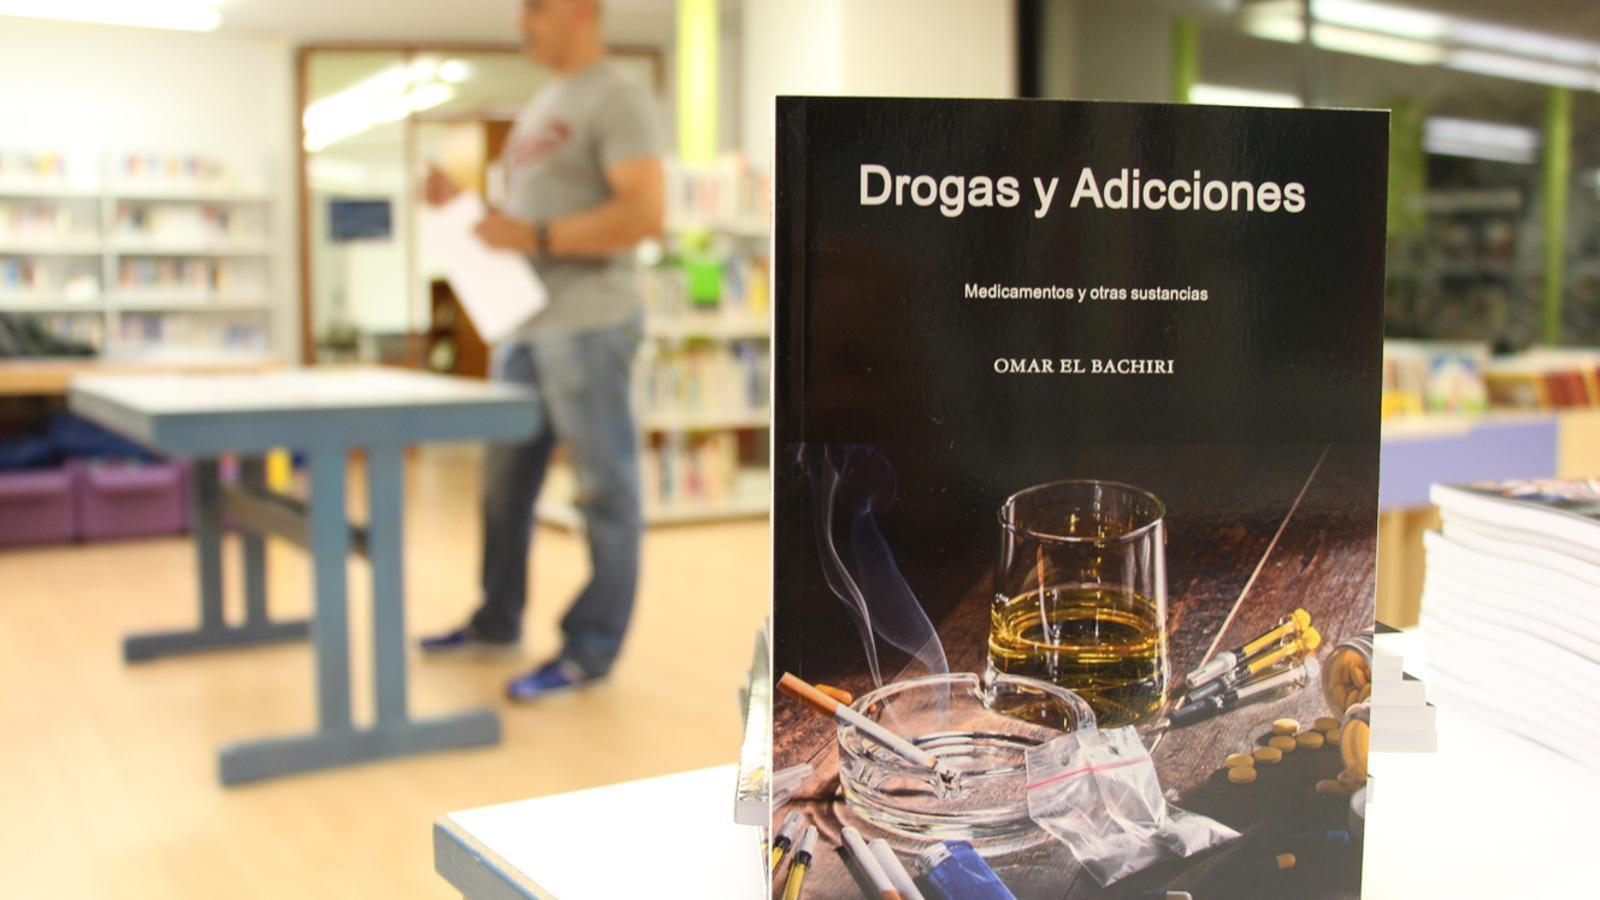 Imatge del llibre 'Drogas y adicciones' de l'escriptor i psicòleg Omar El Bachiri. / M. P. (ANA)